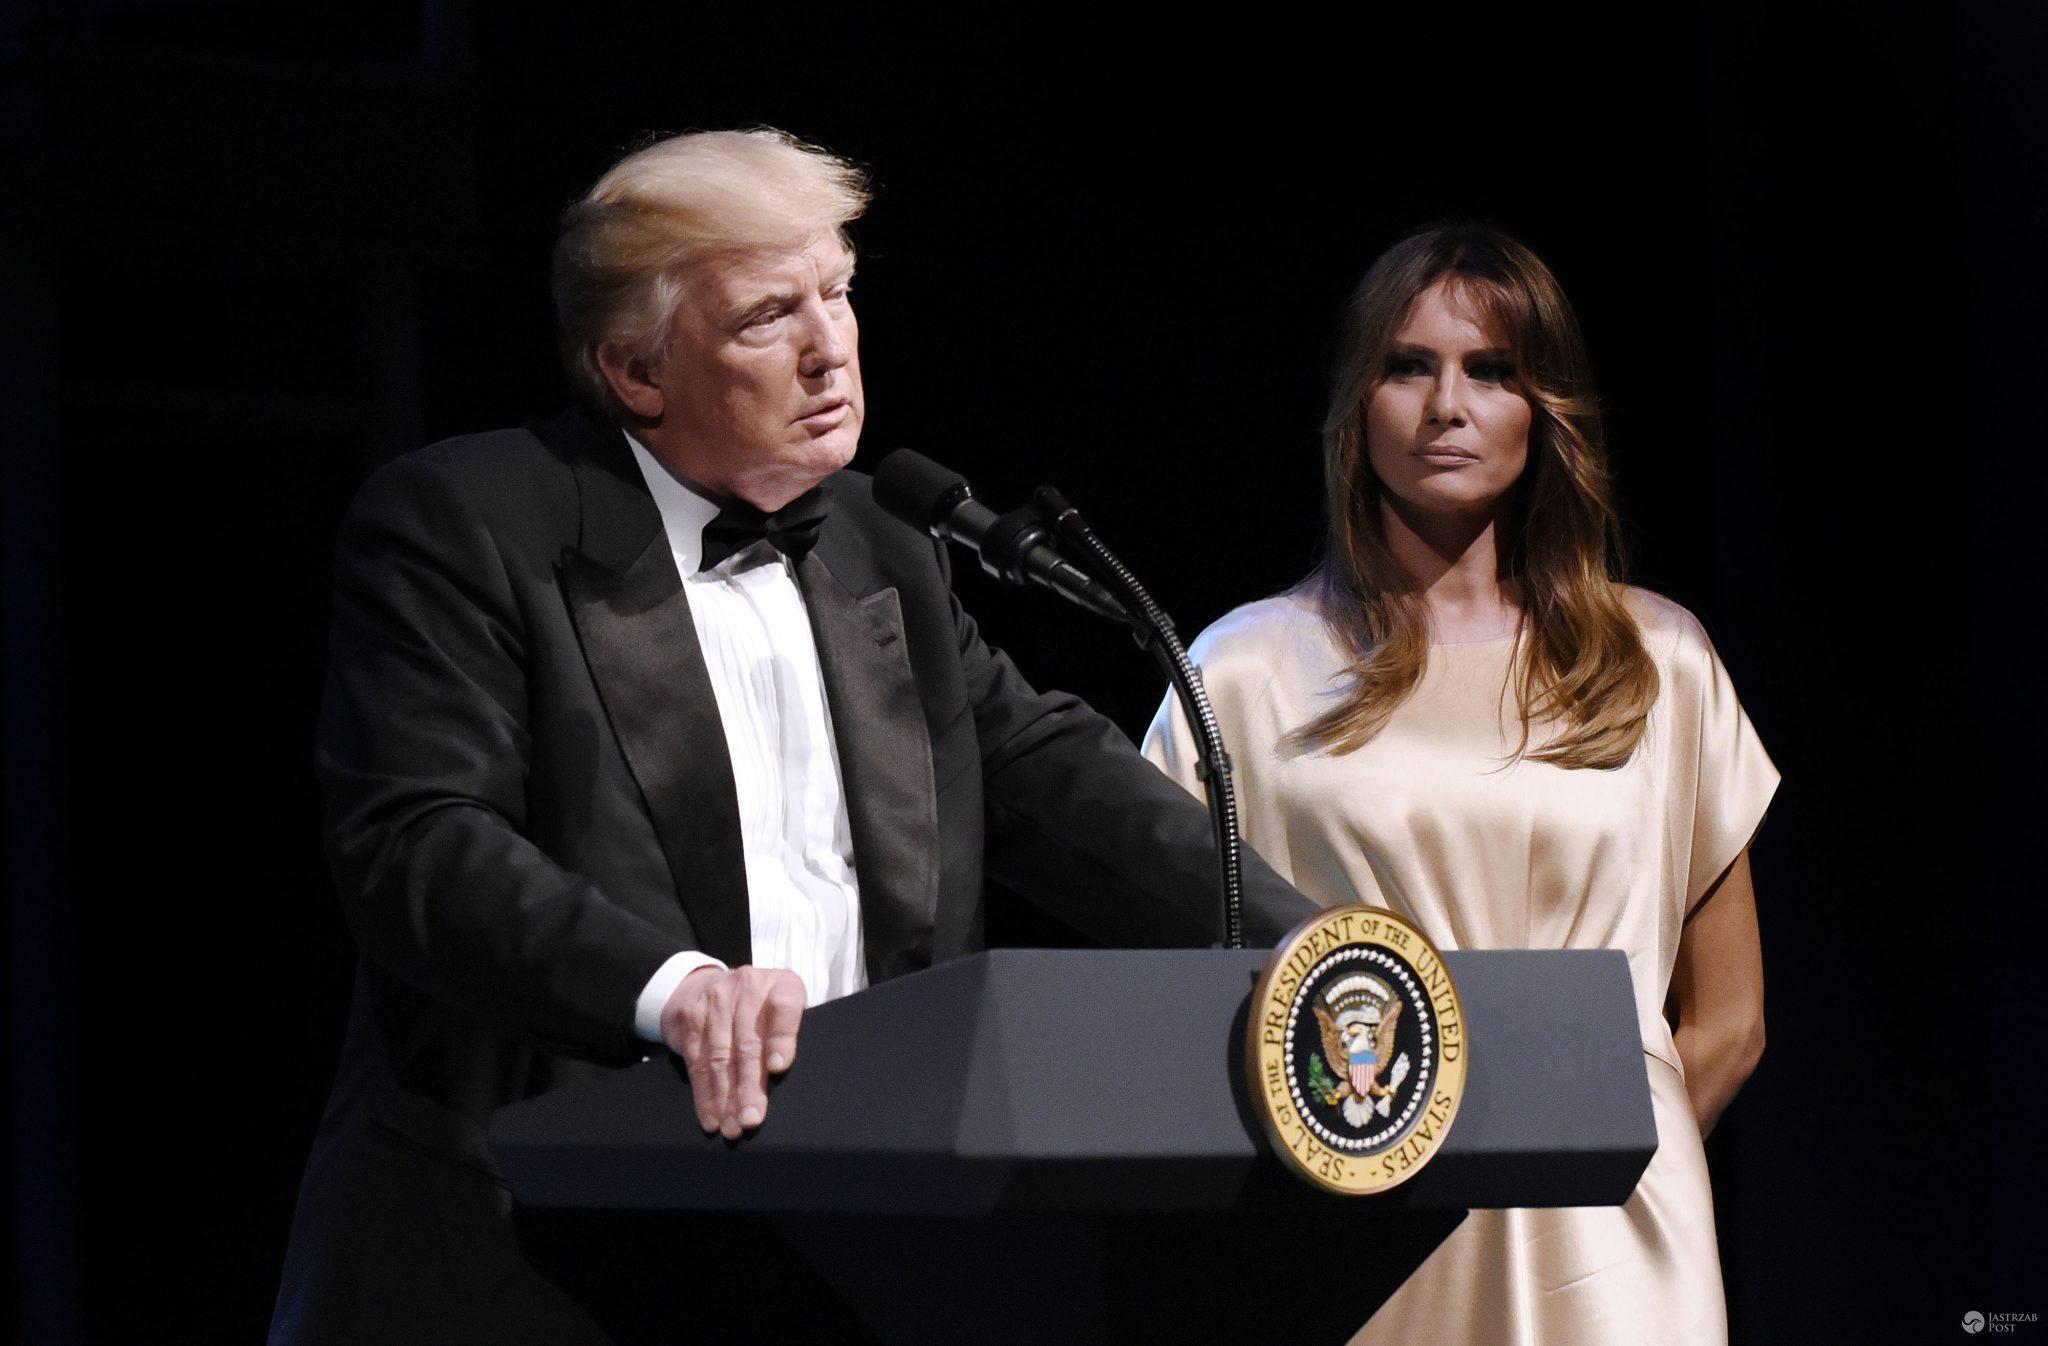 Donald i Melania Trump na przyjęciu Fords Theatre